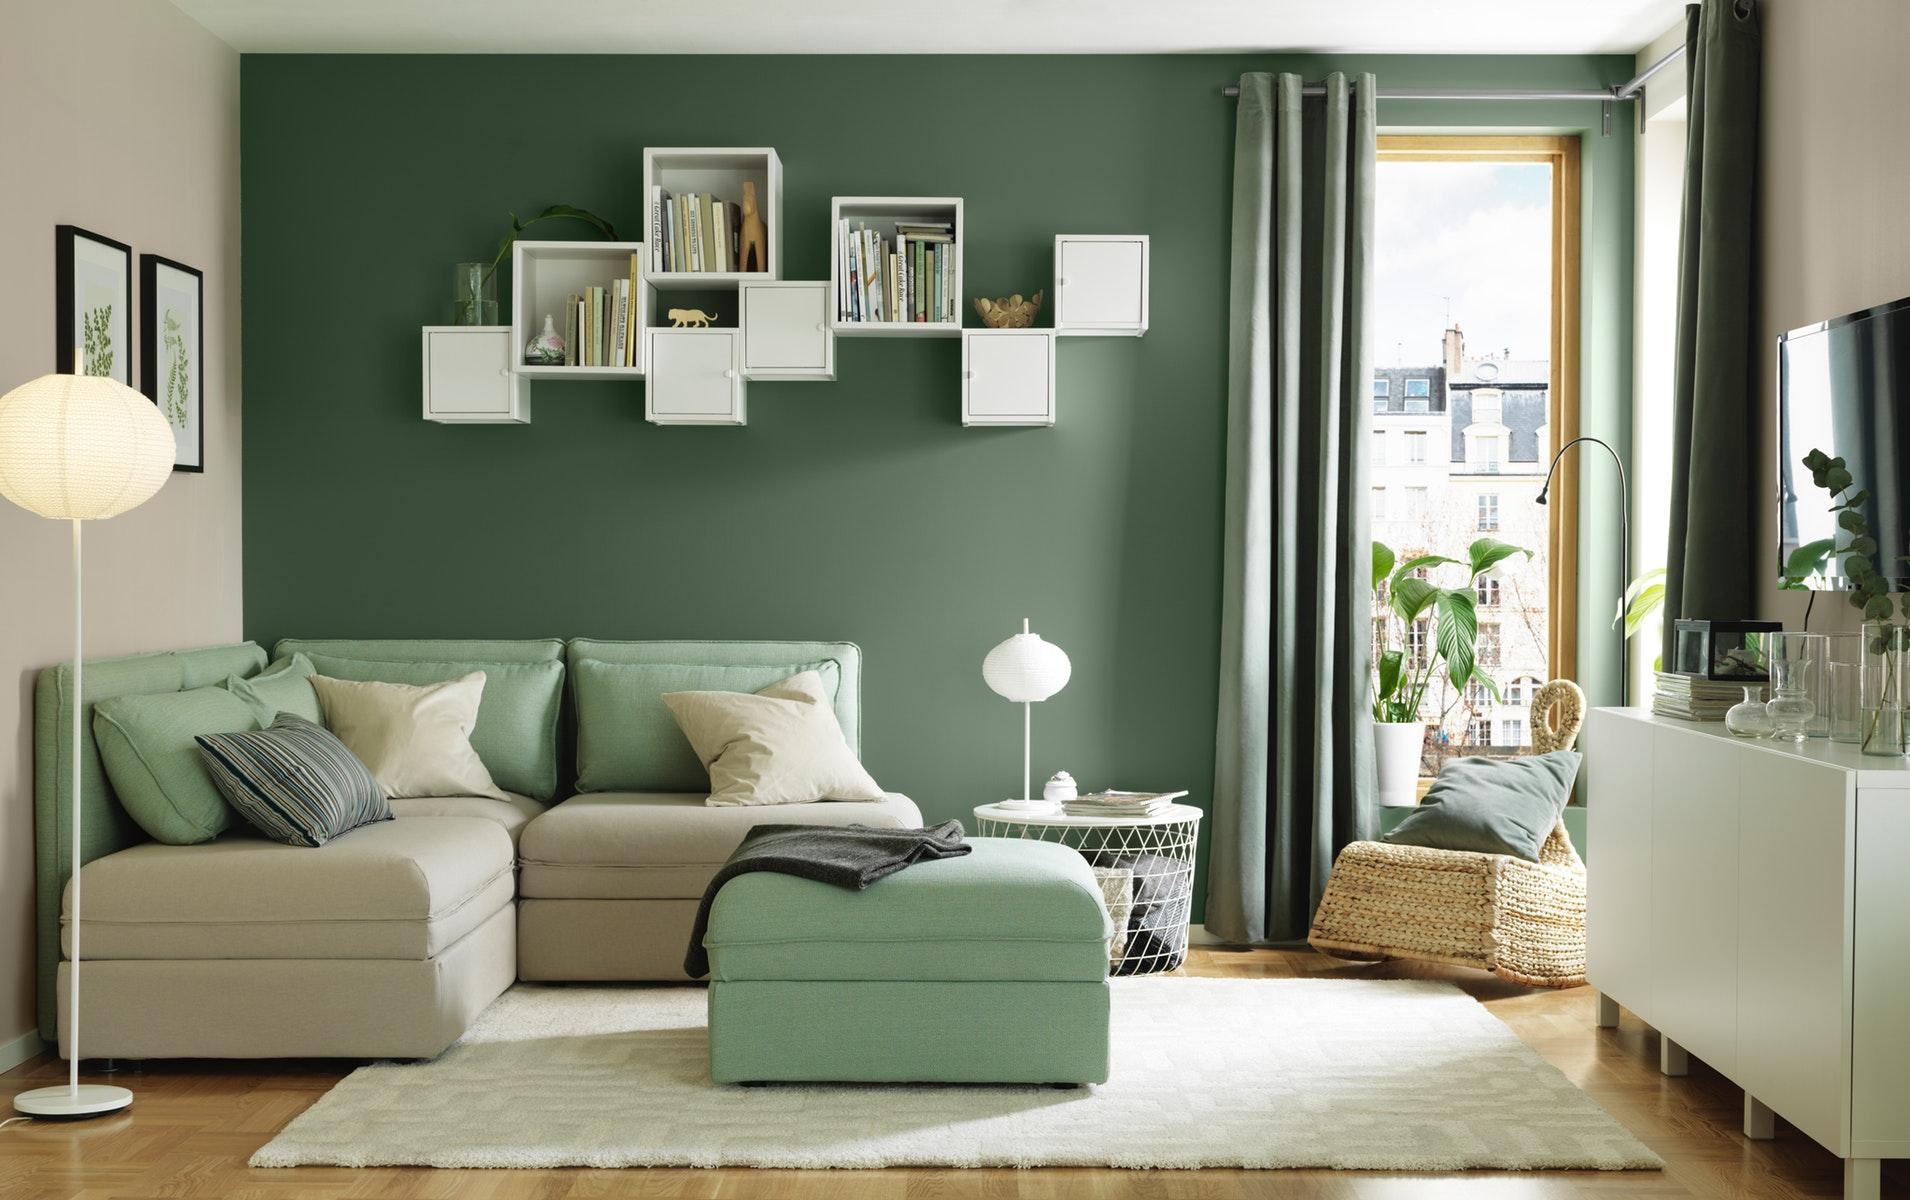 Ide dekorasi ruang tamu minimalis untuk rumah kecil